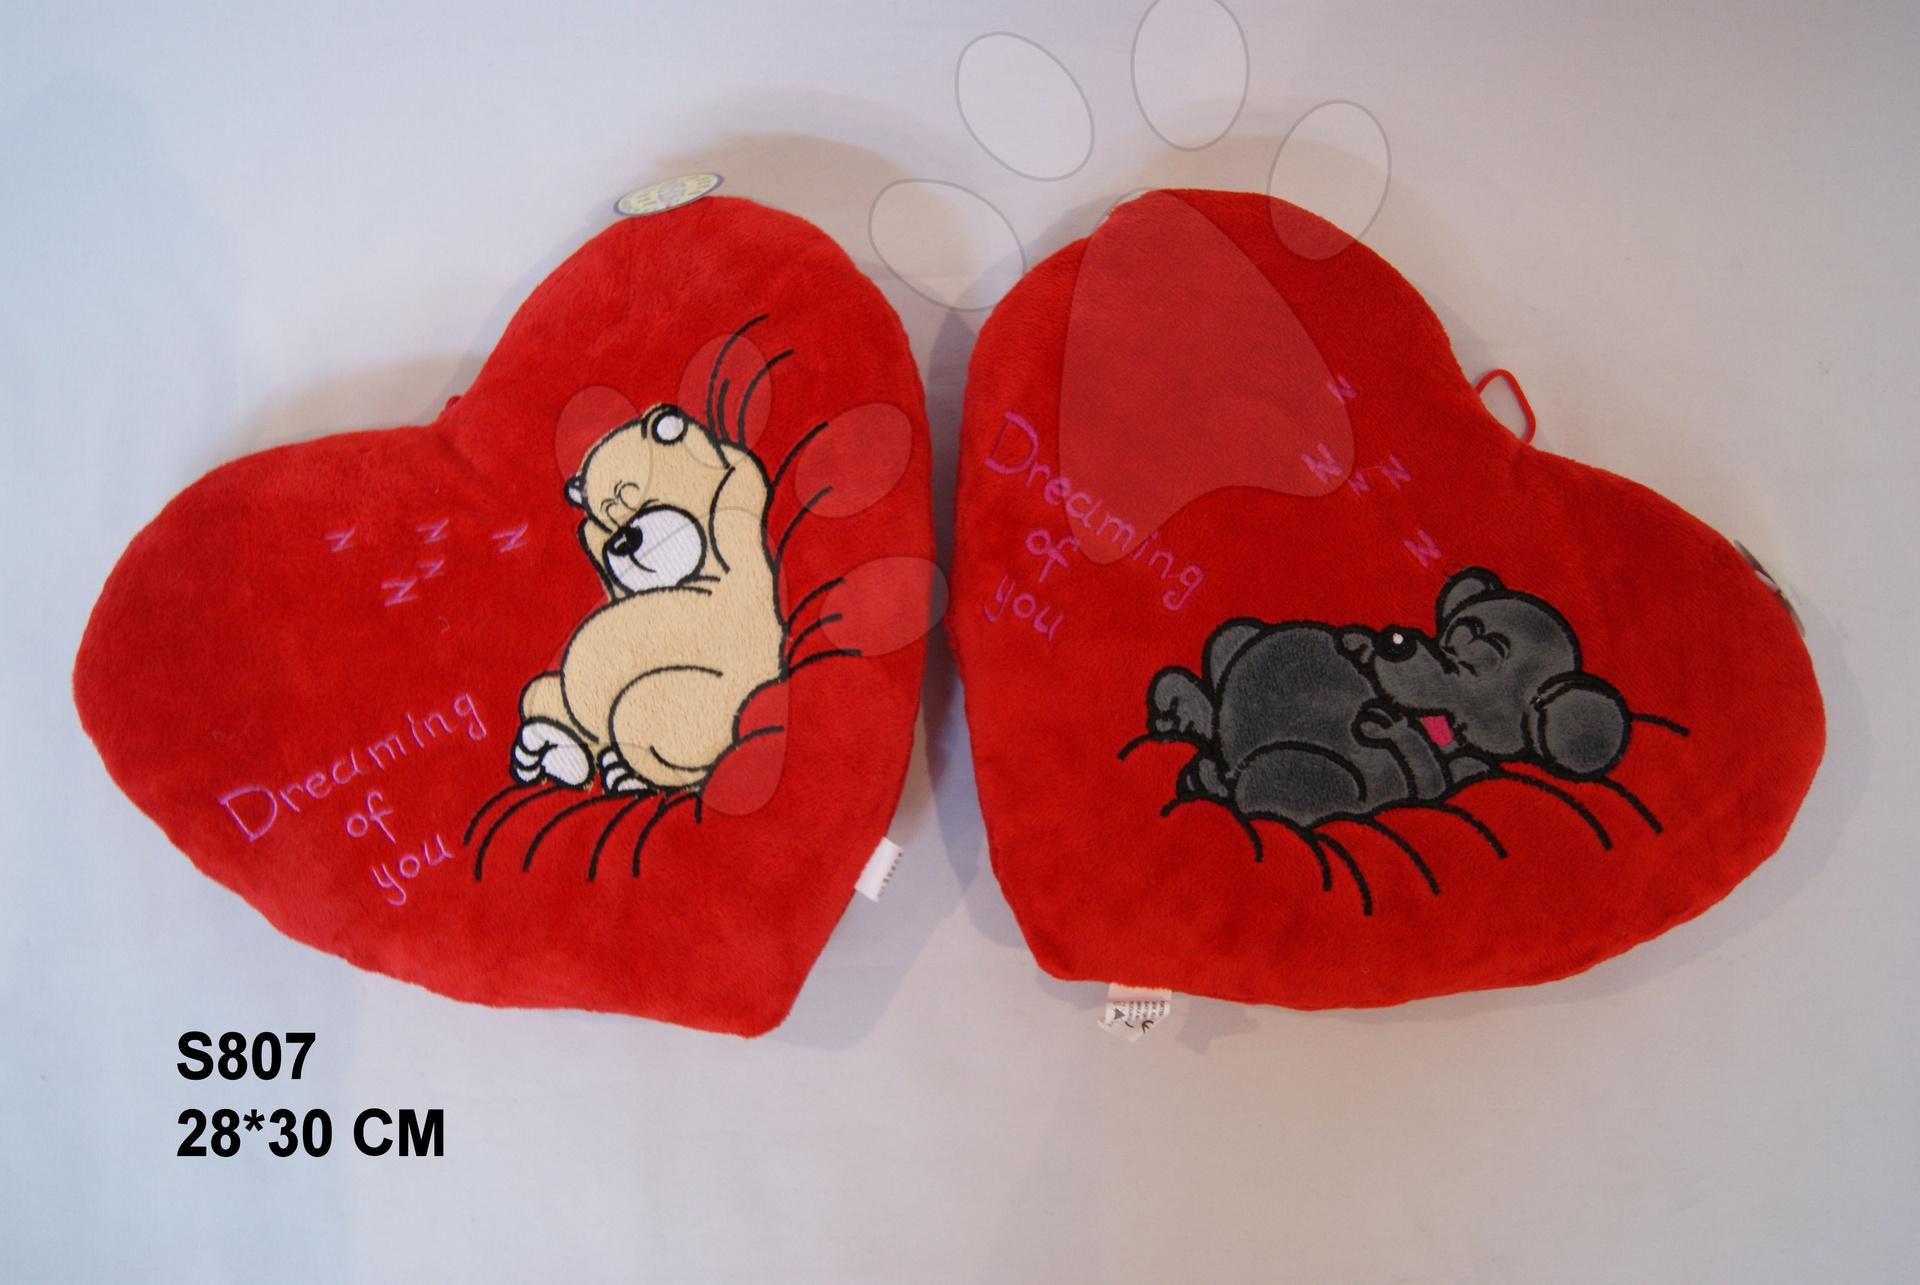 Plyšové vankúše - Srdiečko vankúšik 28*30 cm